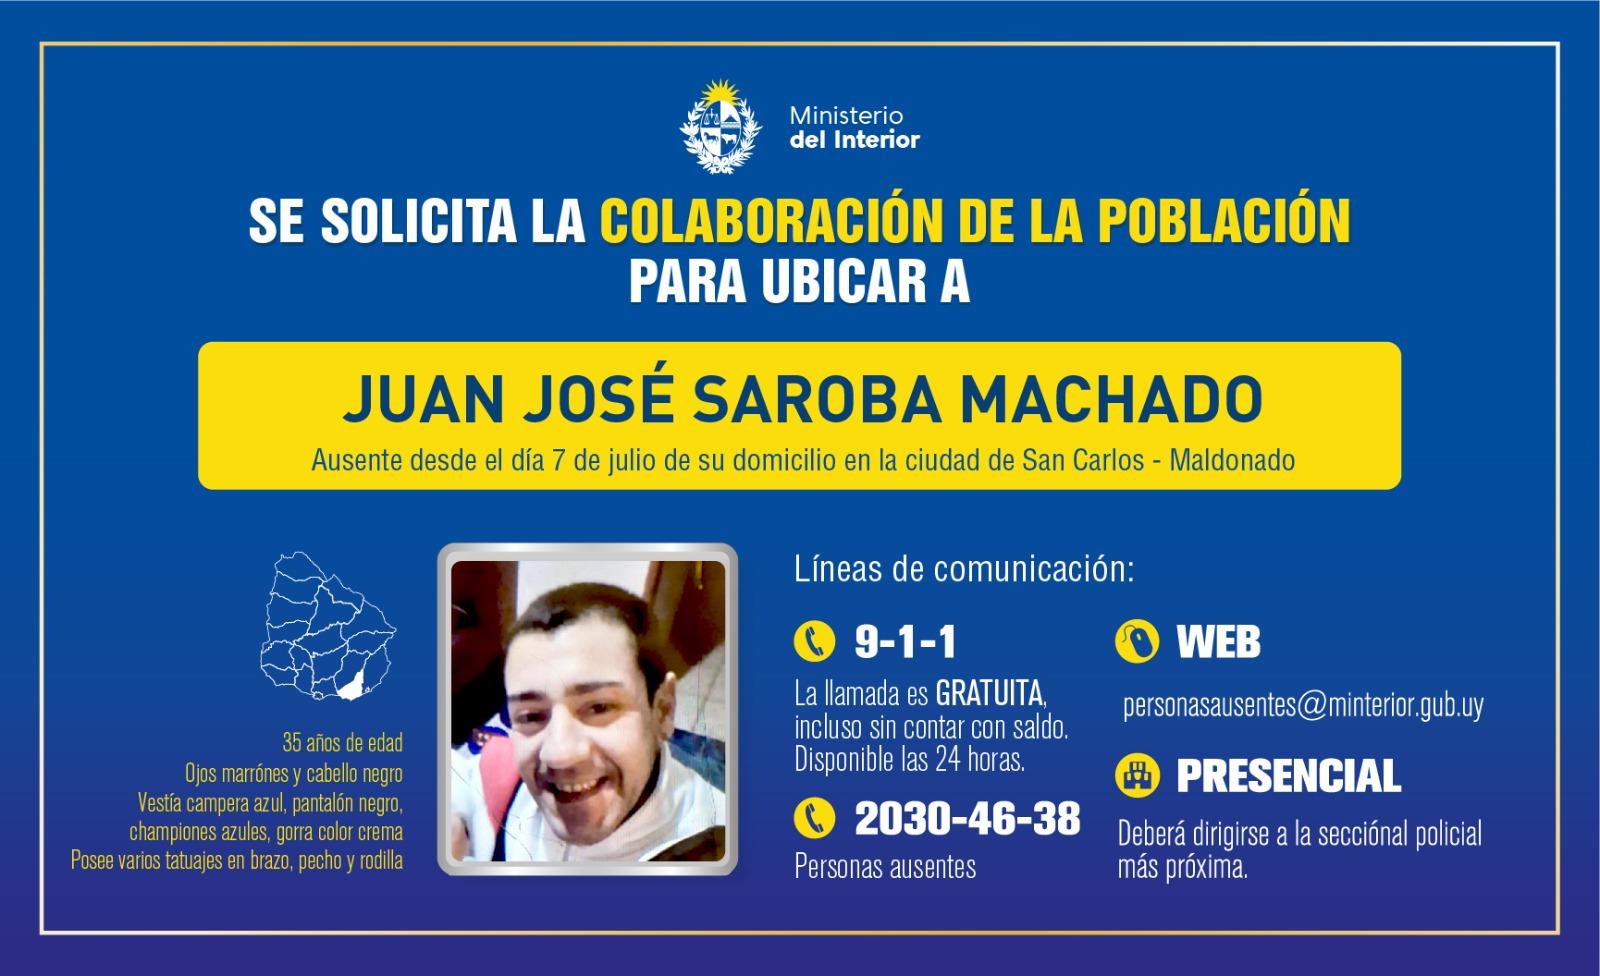 Jefatura de Maldonado solicita la colaboración de la población